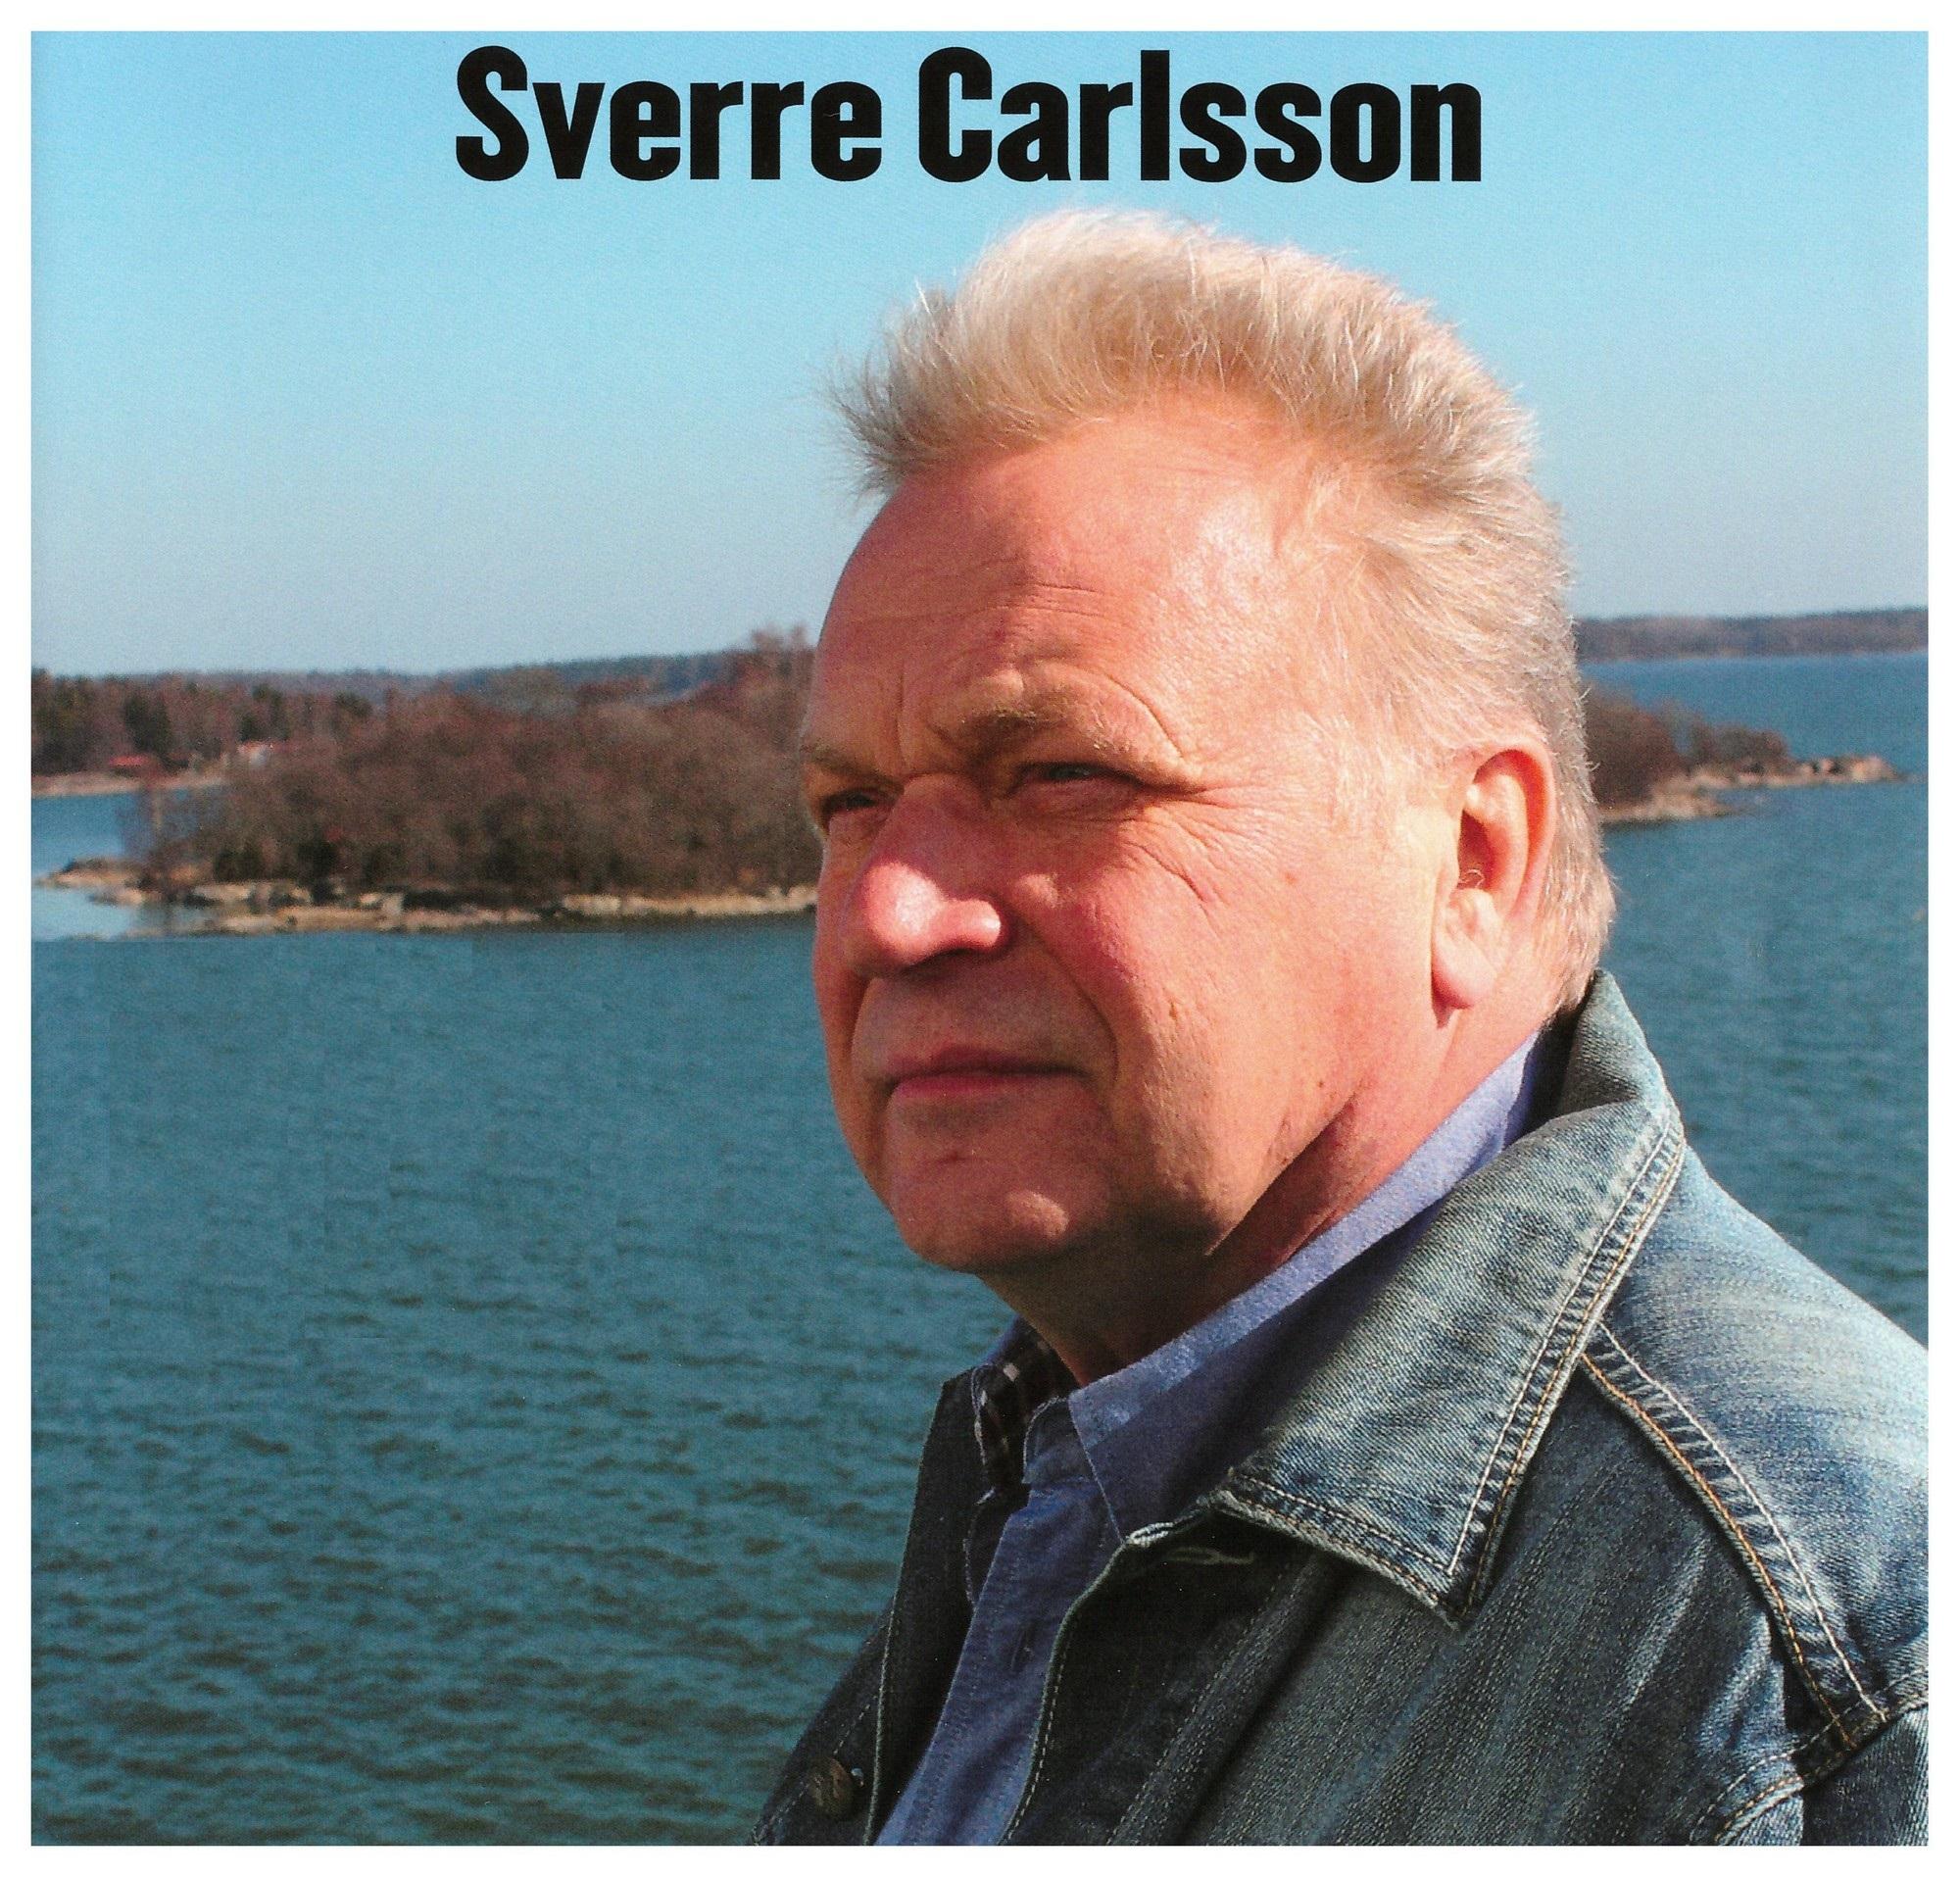 Sverre